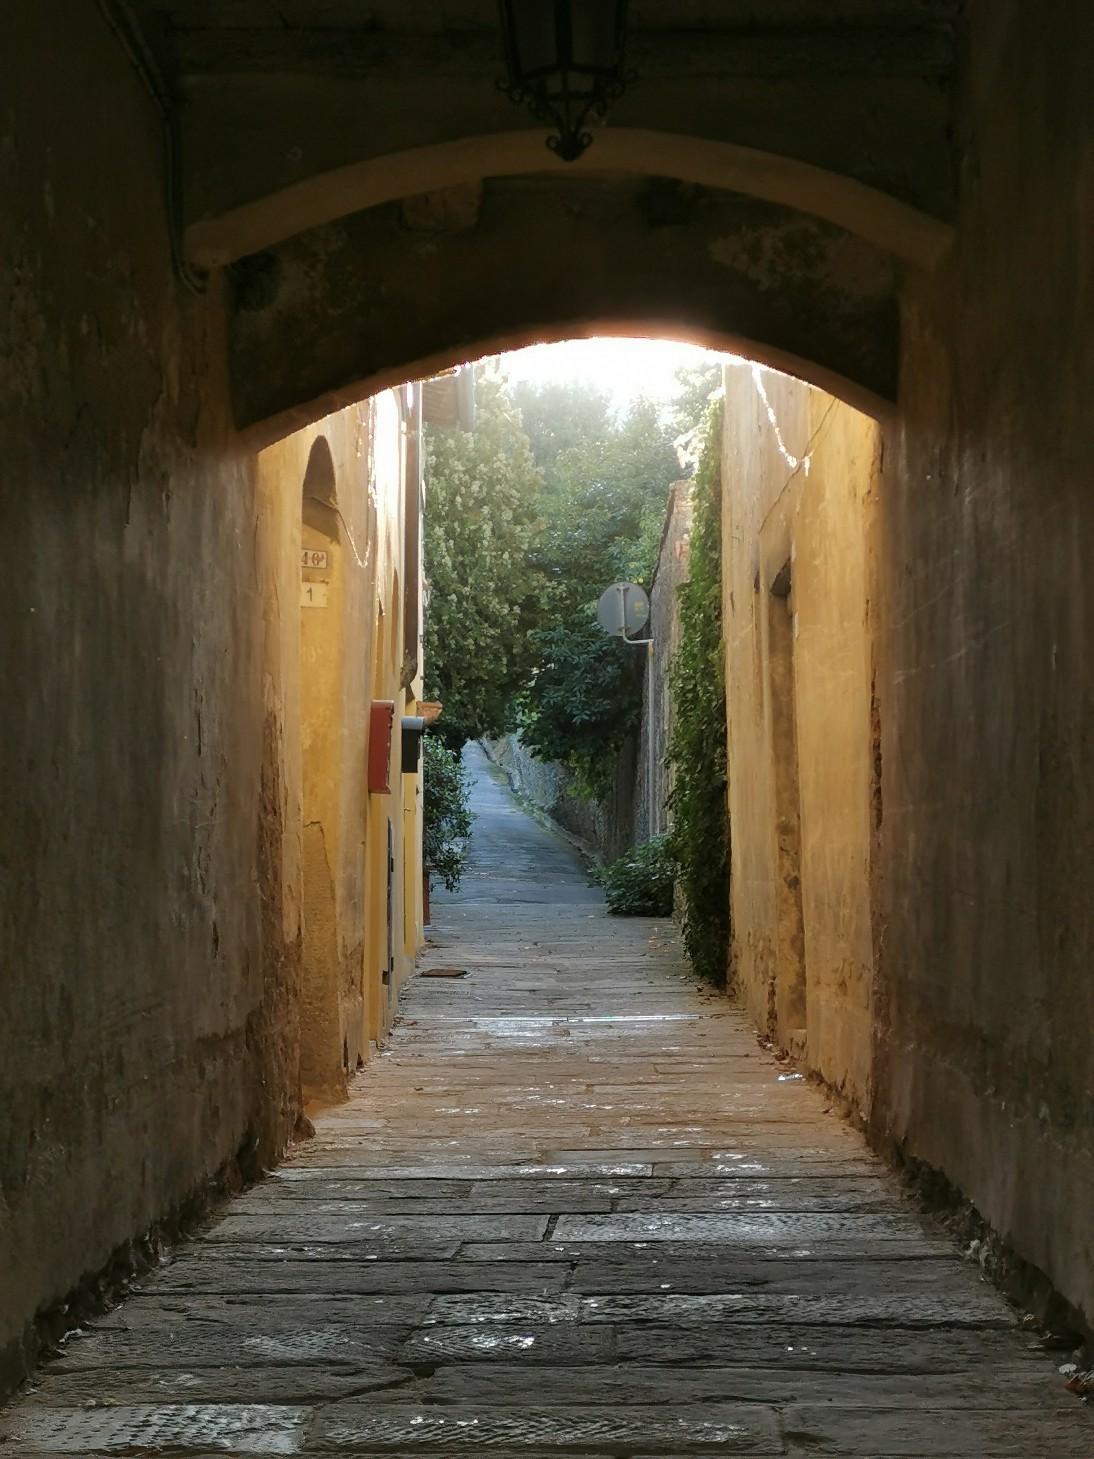 粉挽きとサンタガタの村散歩_f0106597_16541109.jpg